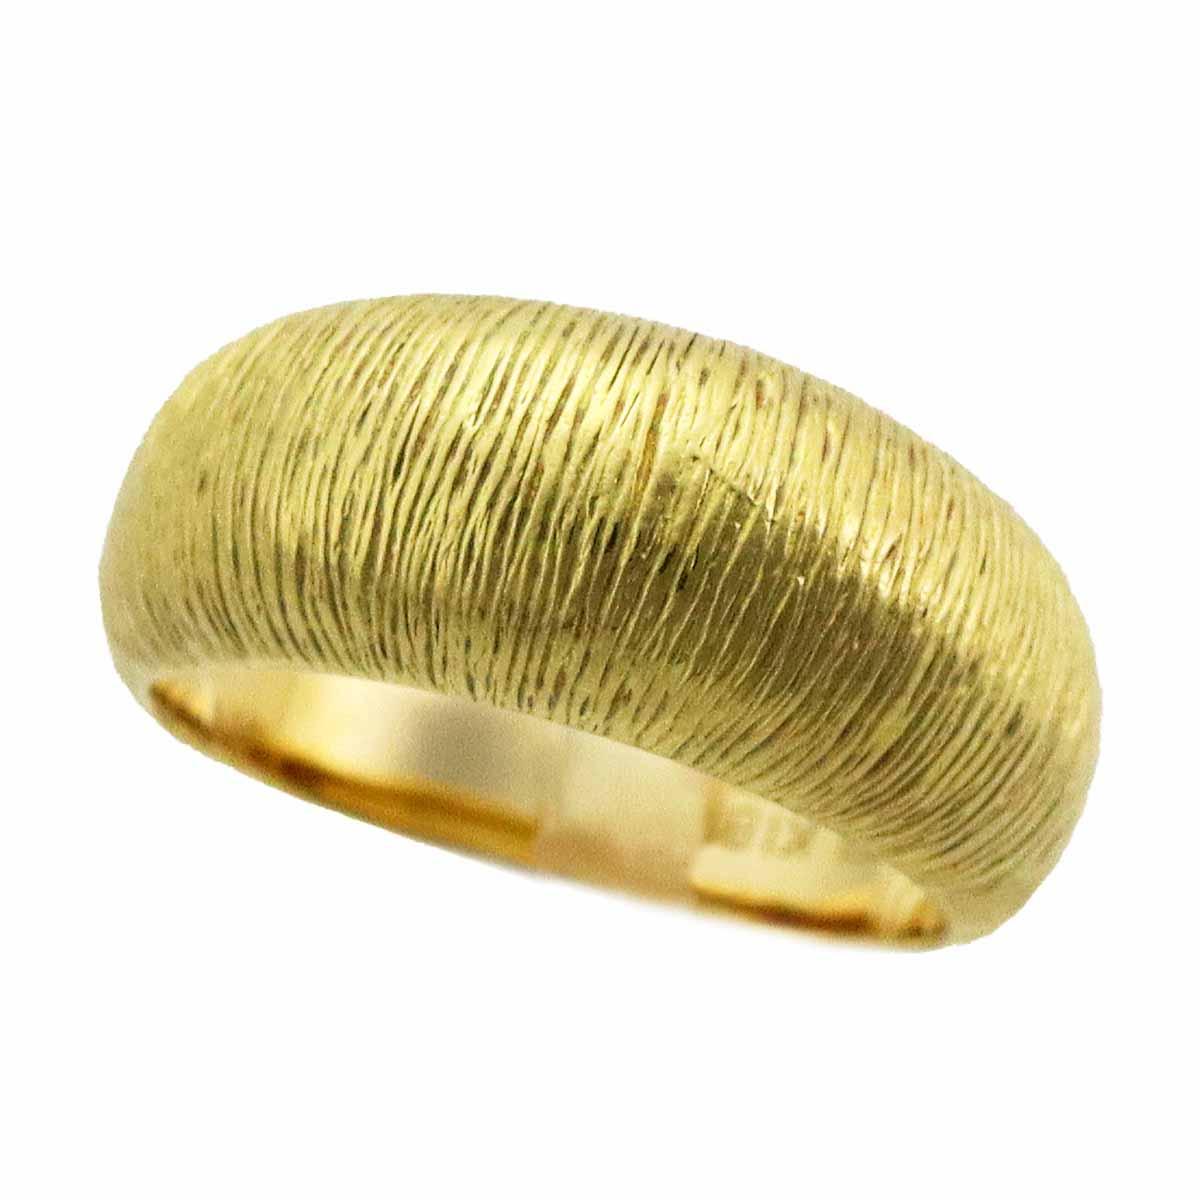 レディースジュエリー・アクセサリー, 指輪・リング SEIKO 750 K18 YG 13 5321410614